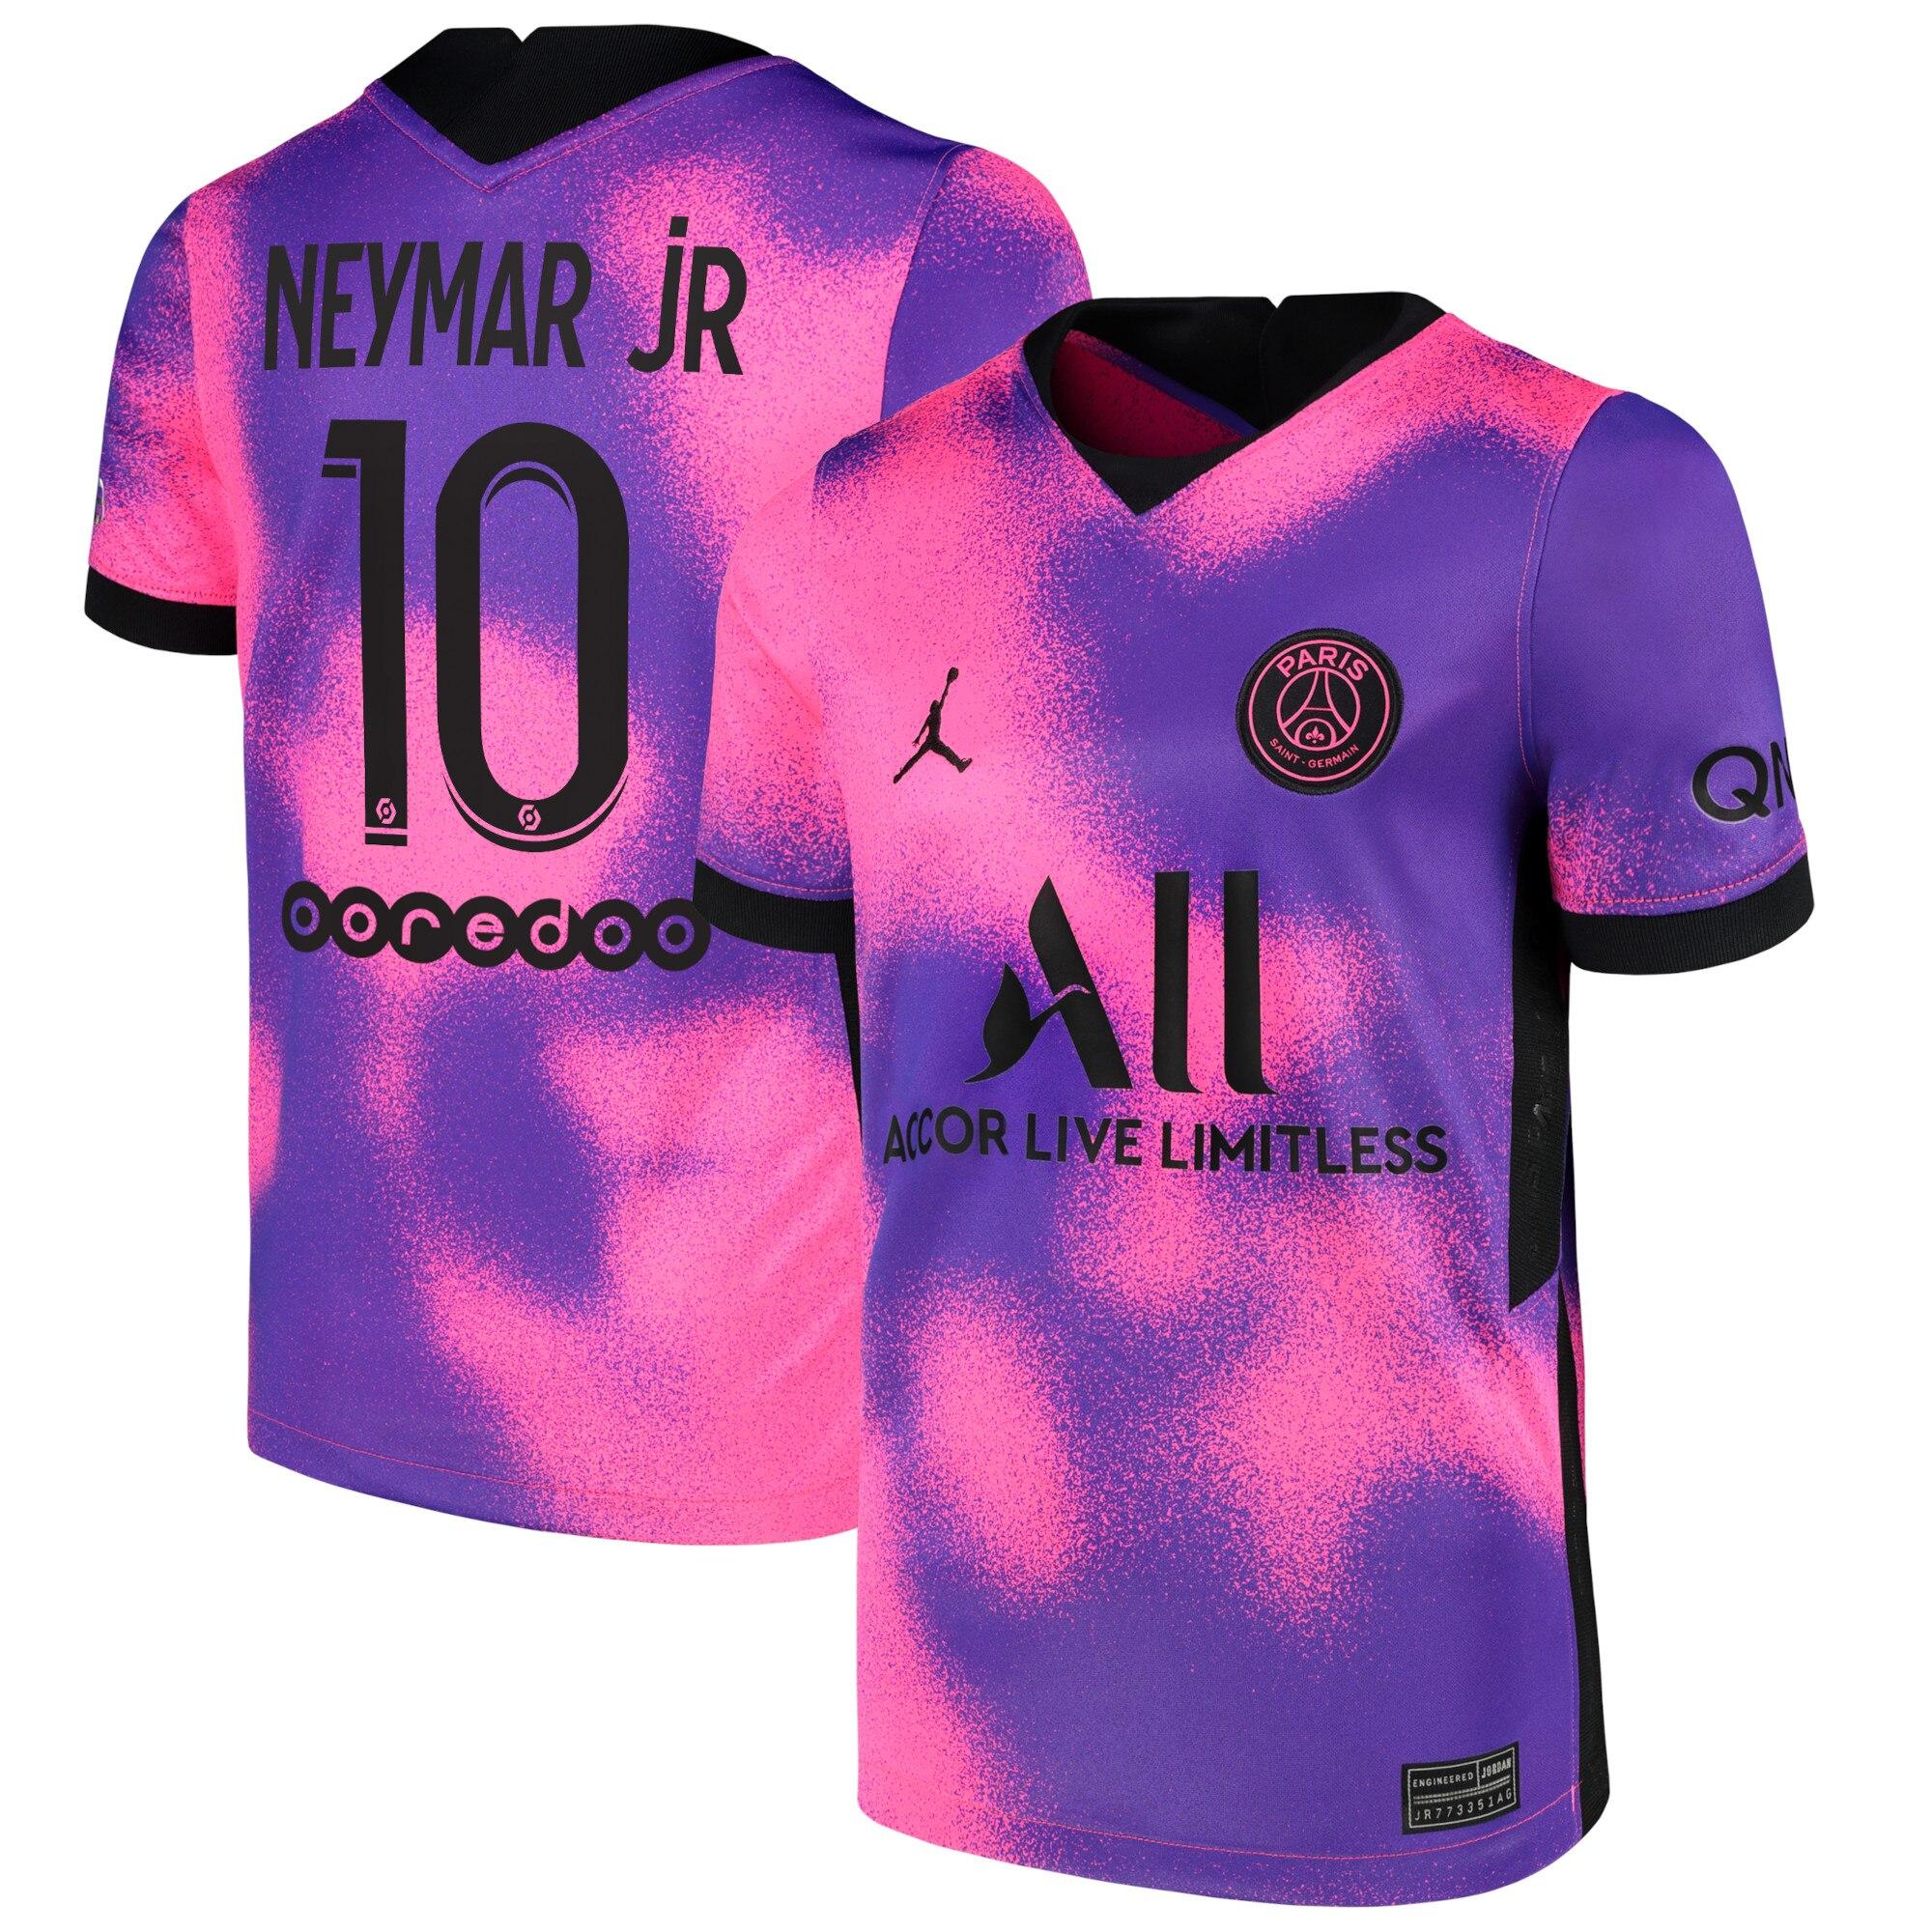 paris saint germain x jordan fourth stadium shirt 2020 21 kids with neymar jr 10 printing